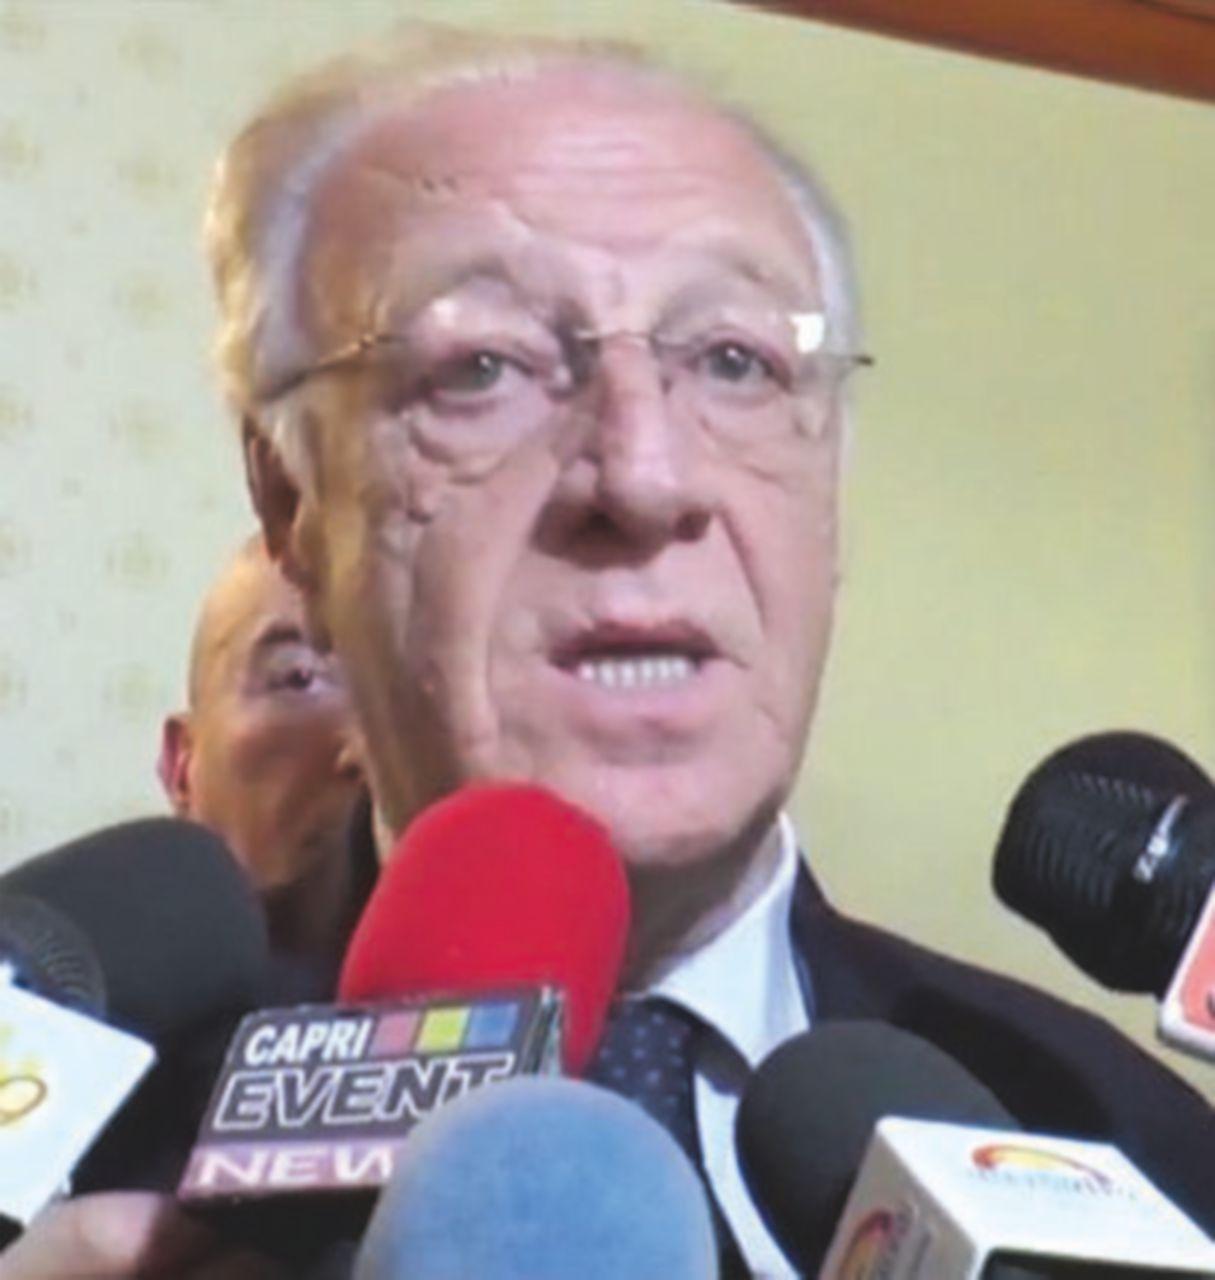 """Campania, la """"scalata"""" al sindacato giornalisti con 7.500 euro cash"""